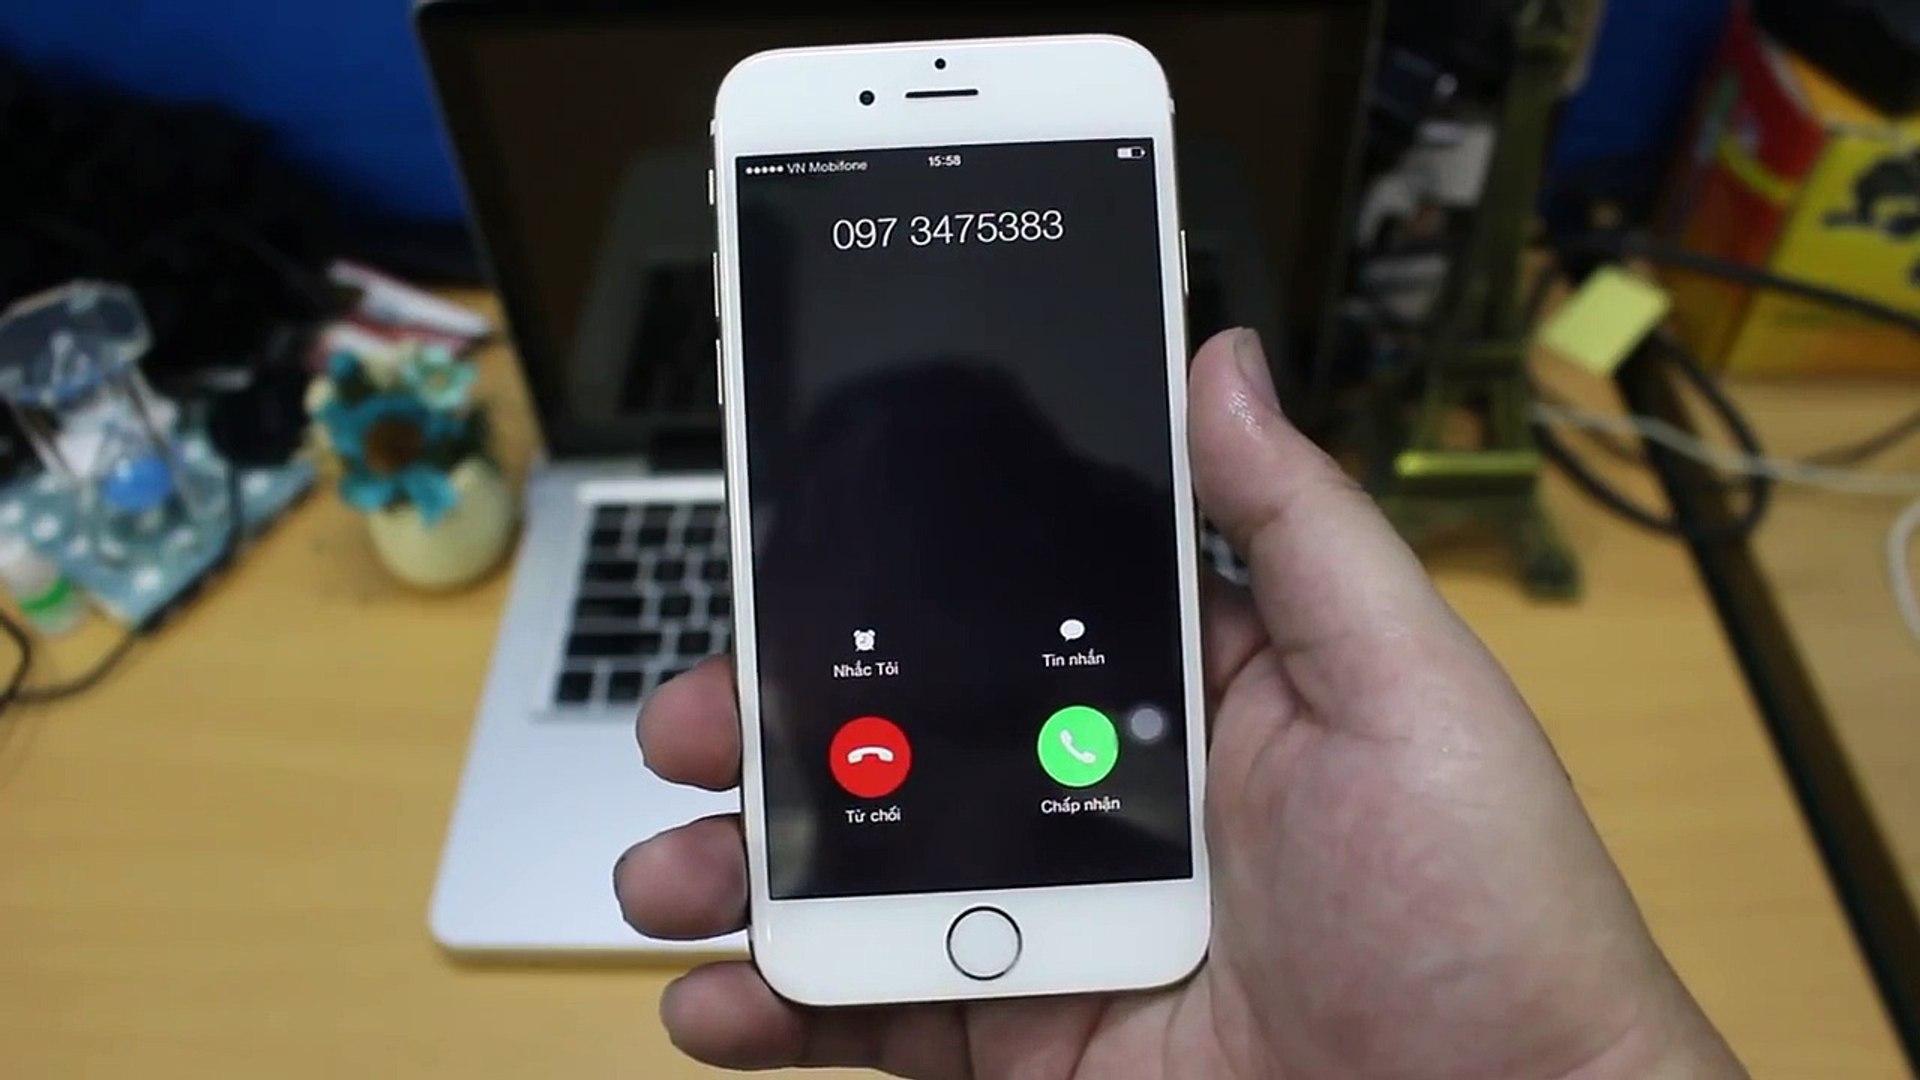 Mở hộp iPhone6 lock xách tay Nhật: Cơn sốt mới của thị trường di động Việt